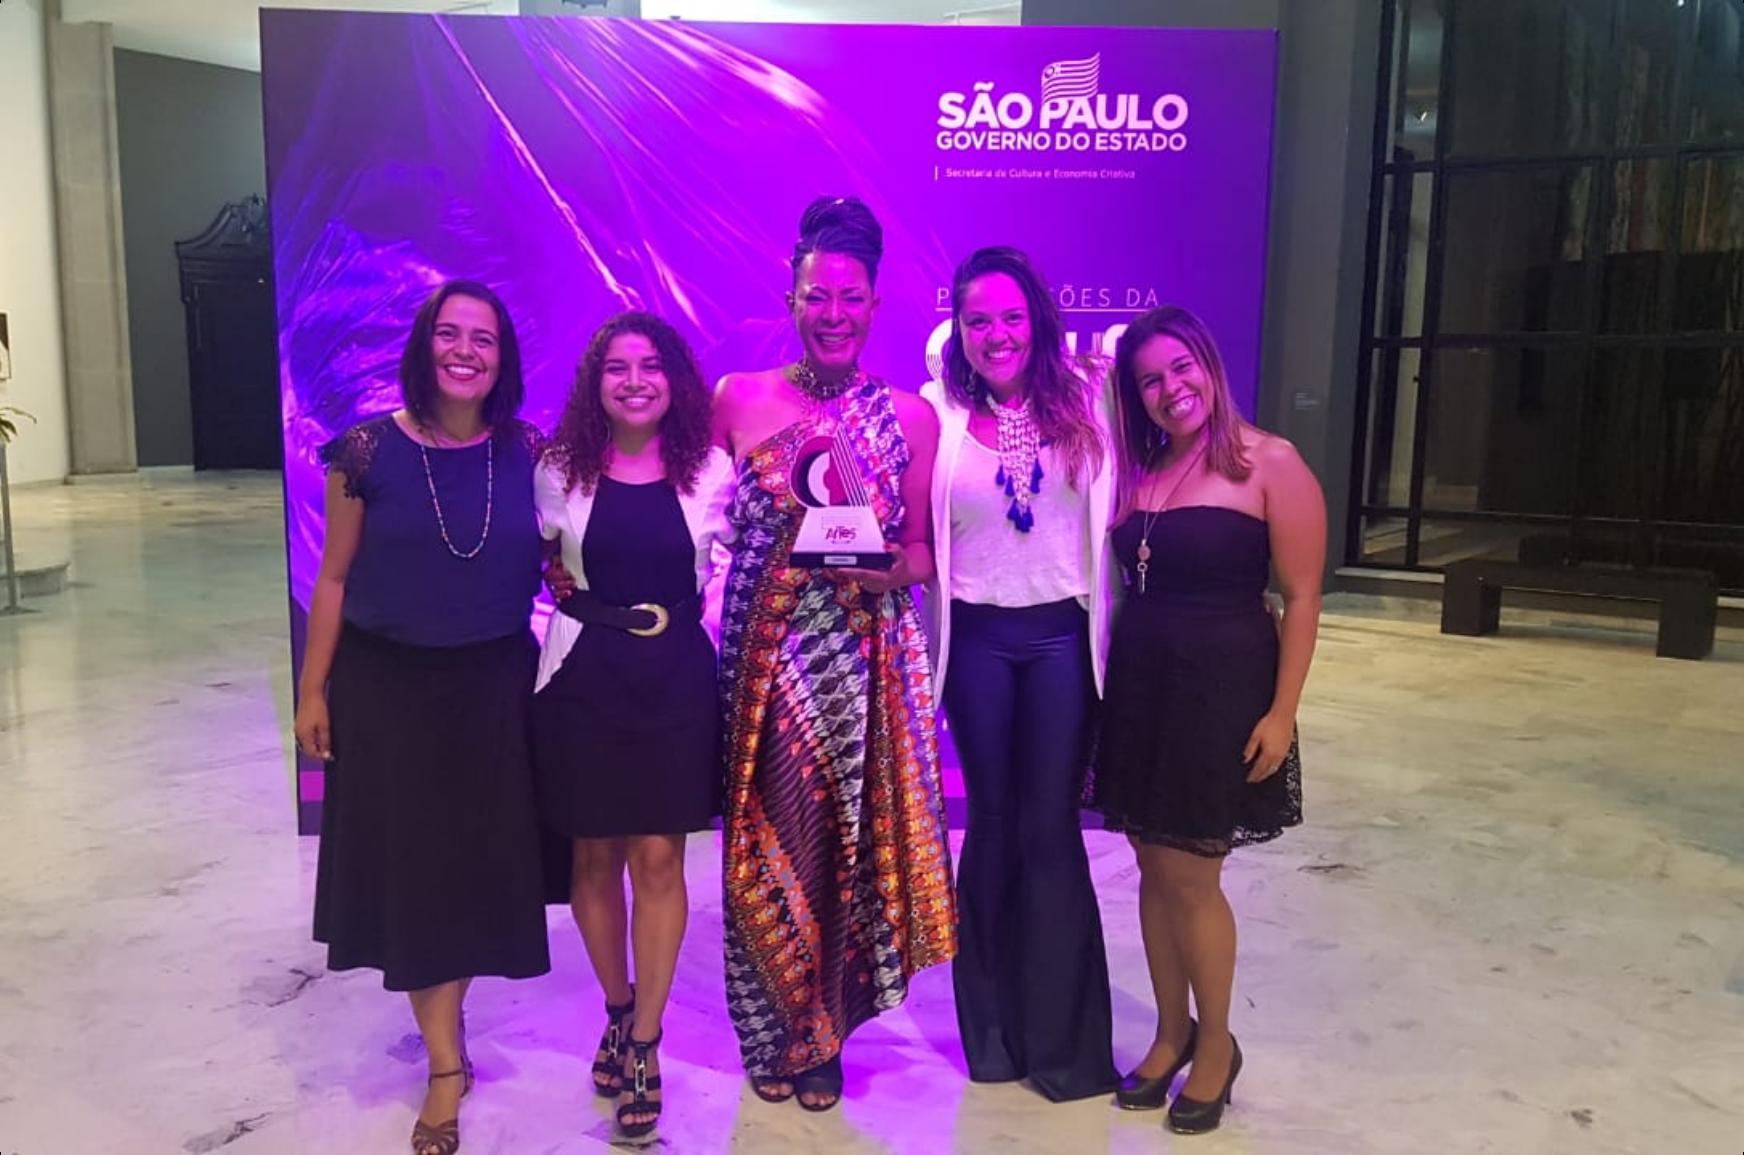 Prêmio Estado de São Paulo para as Artes 2019 – Bel Santos Mayer